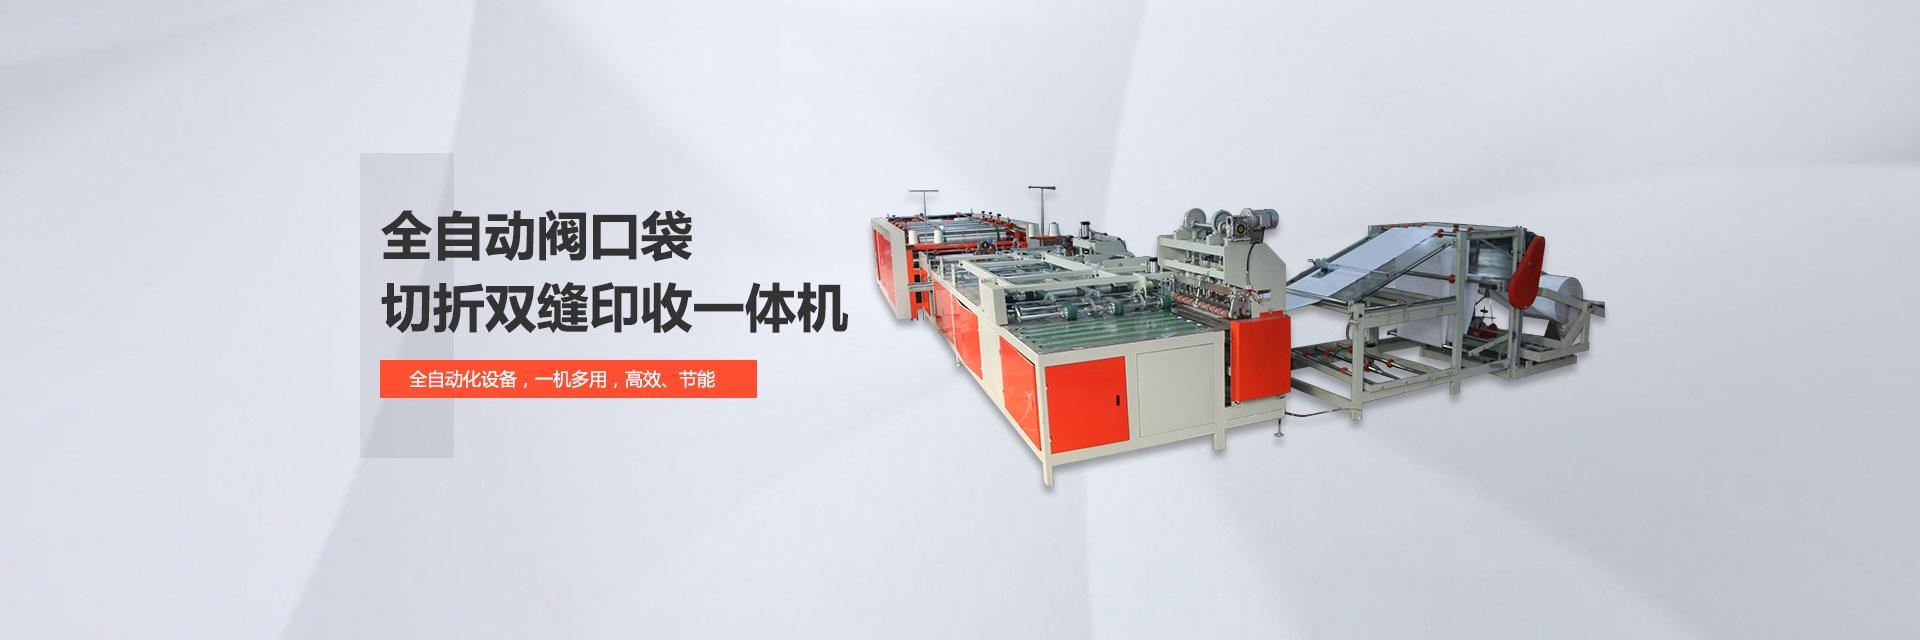 编织袋切缝印一体机